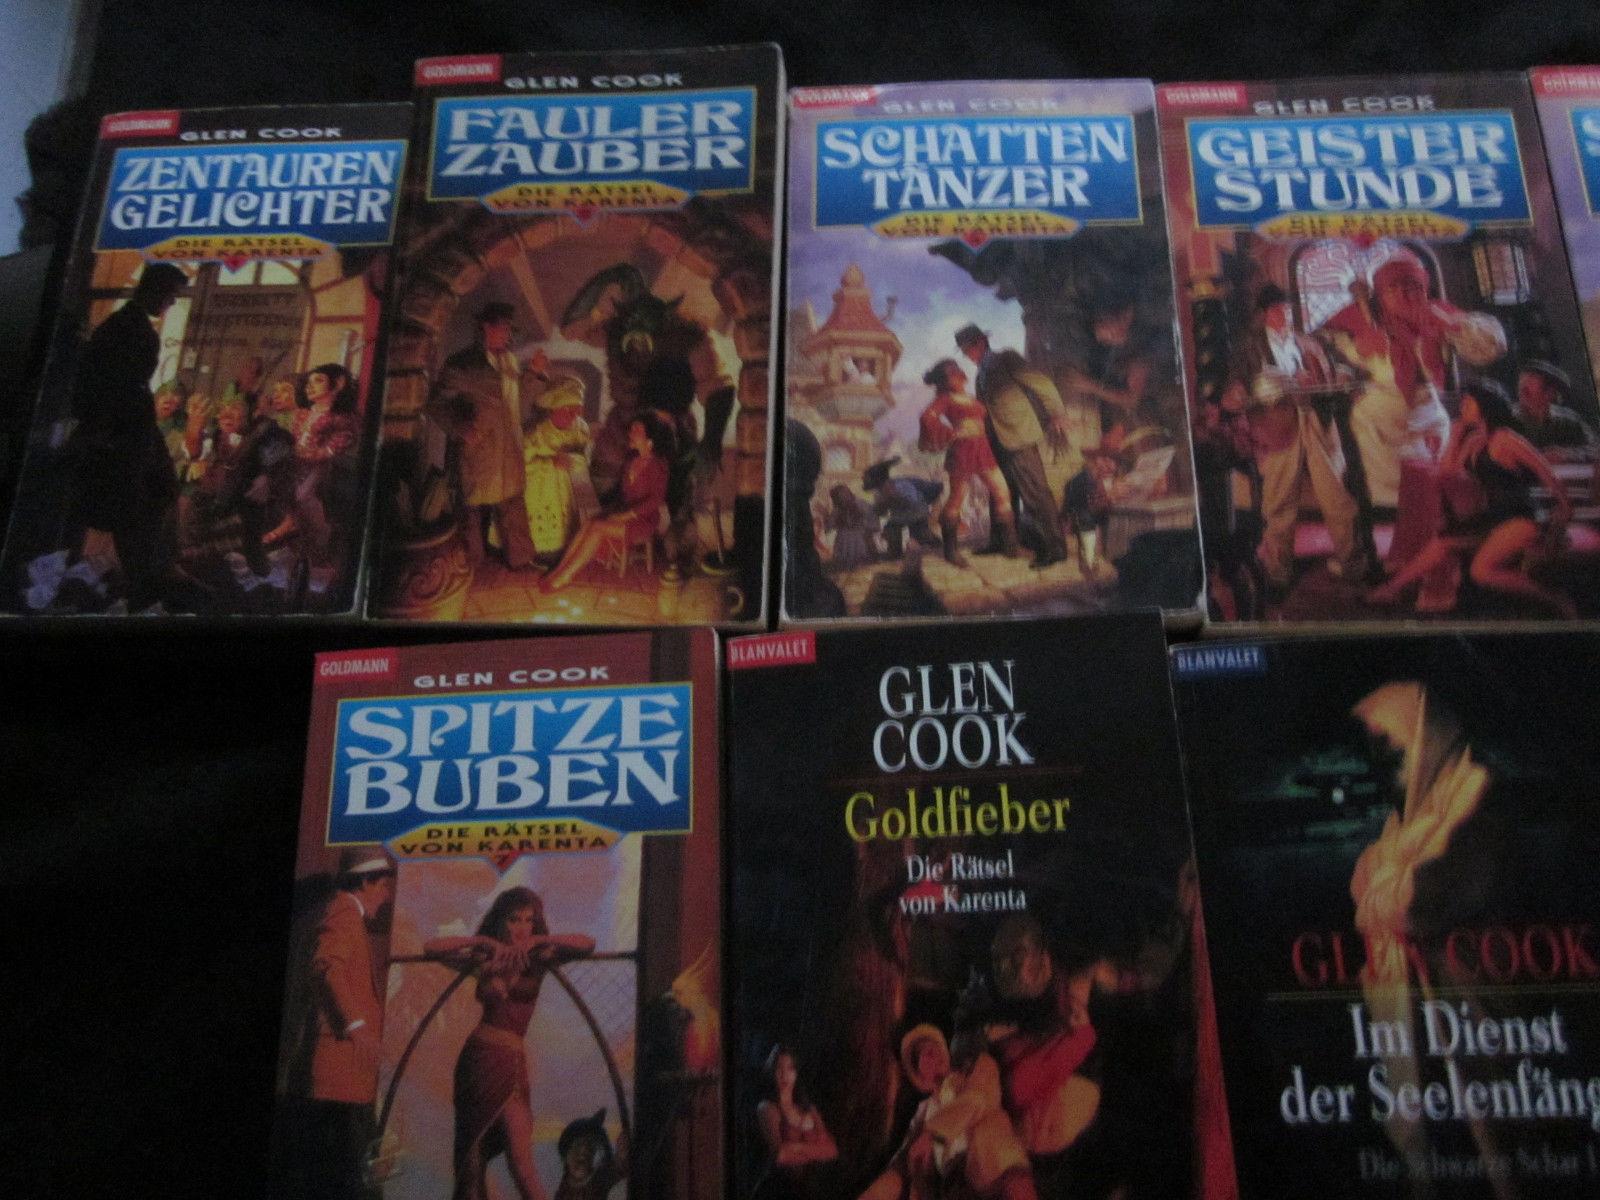 Glen Cook - Die Rätsel von Karenta und Die schwarze Schar